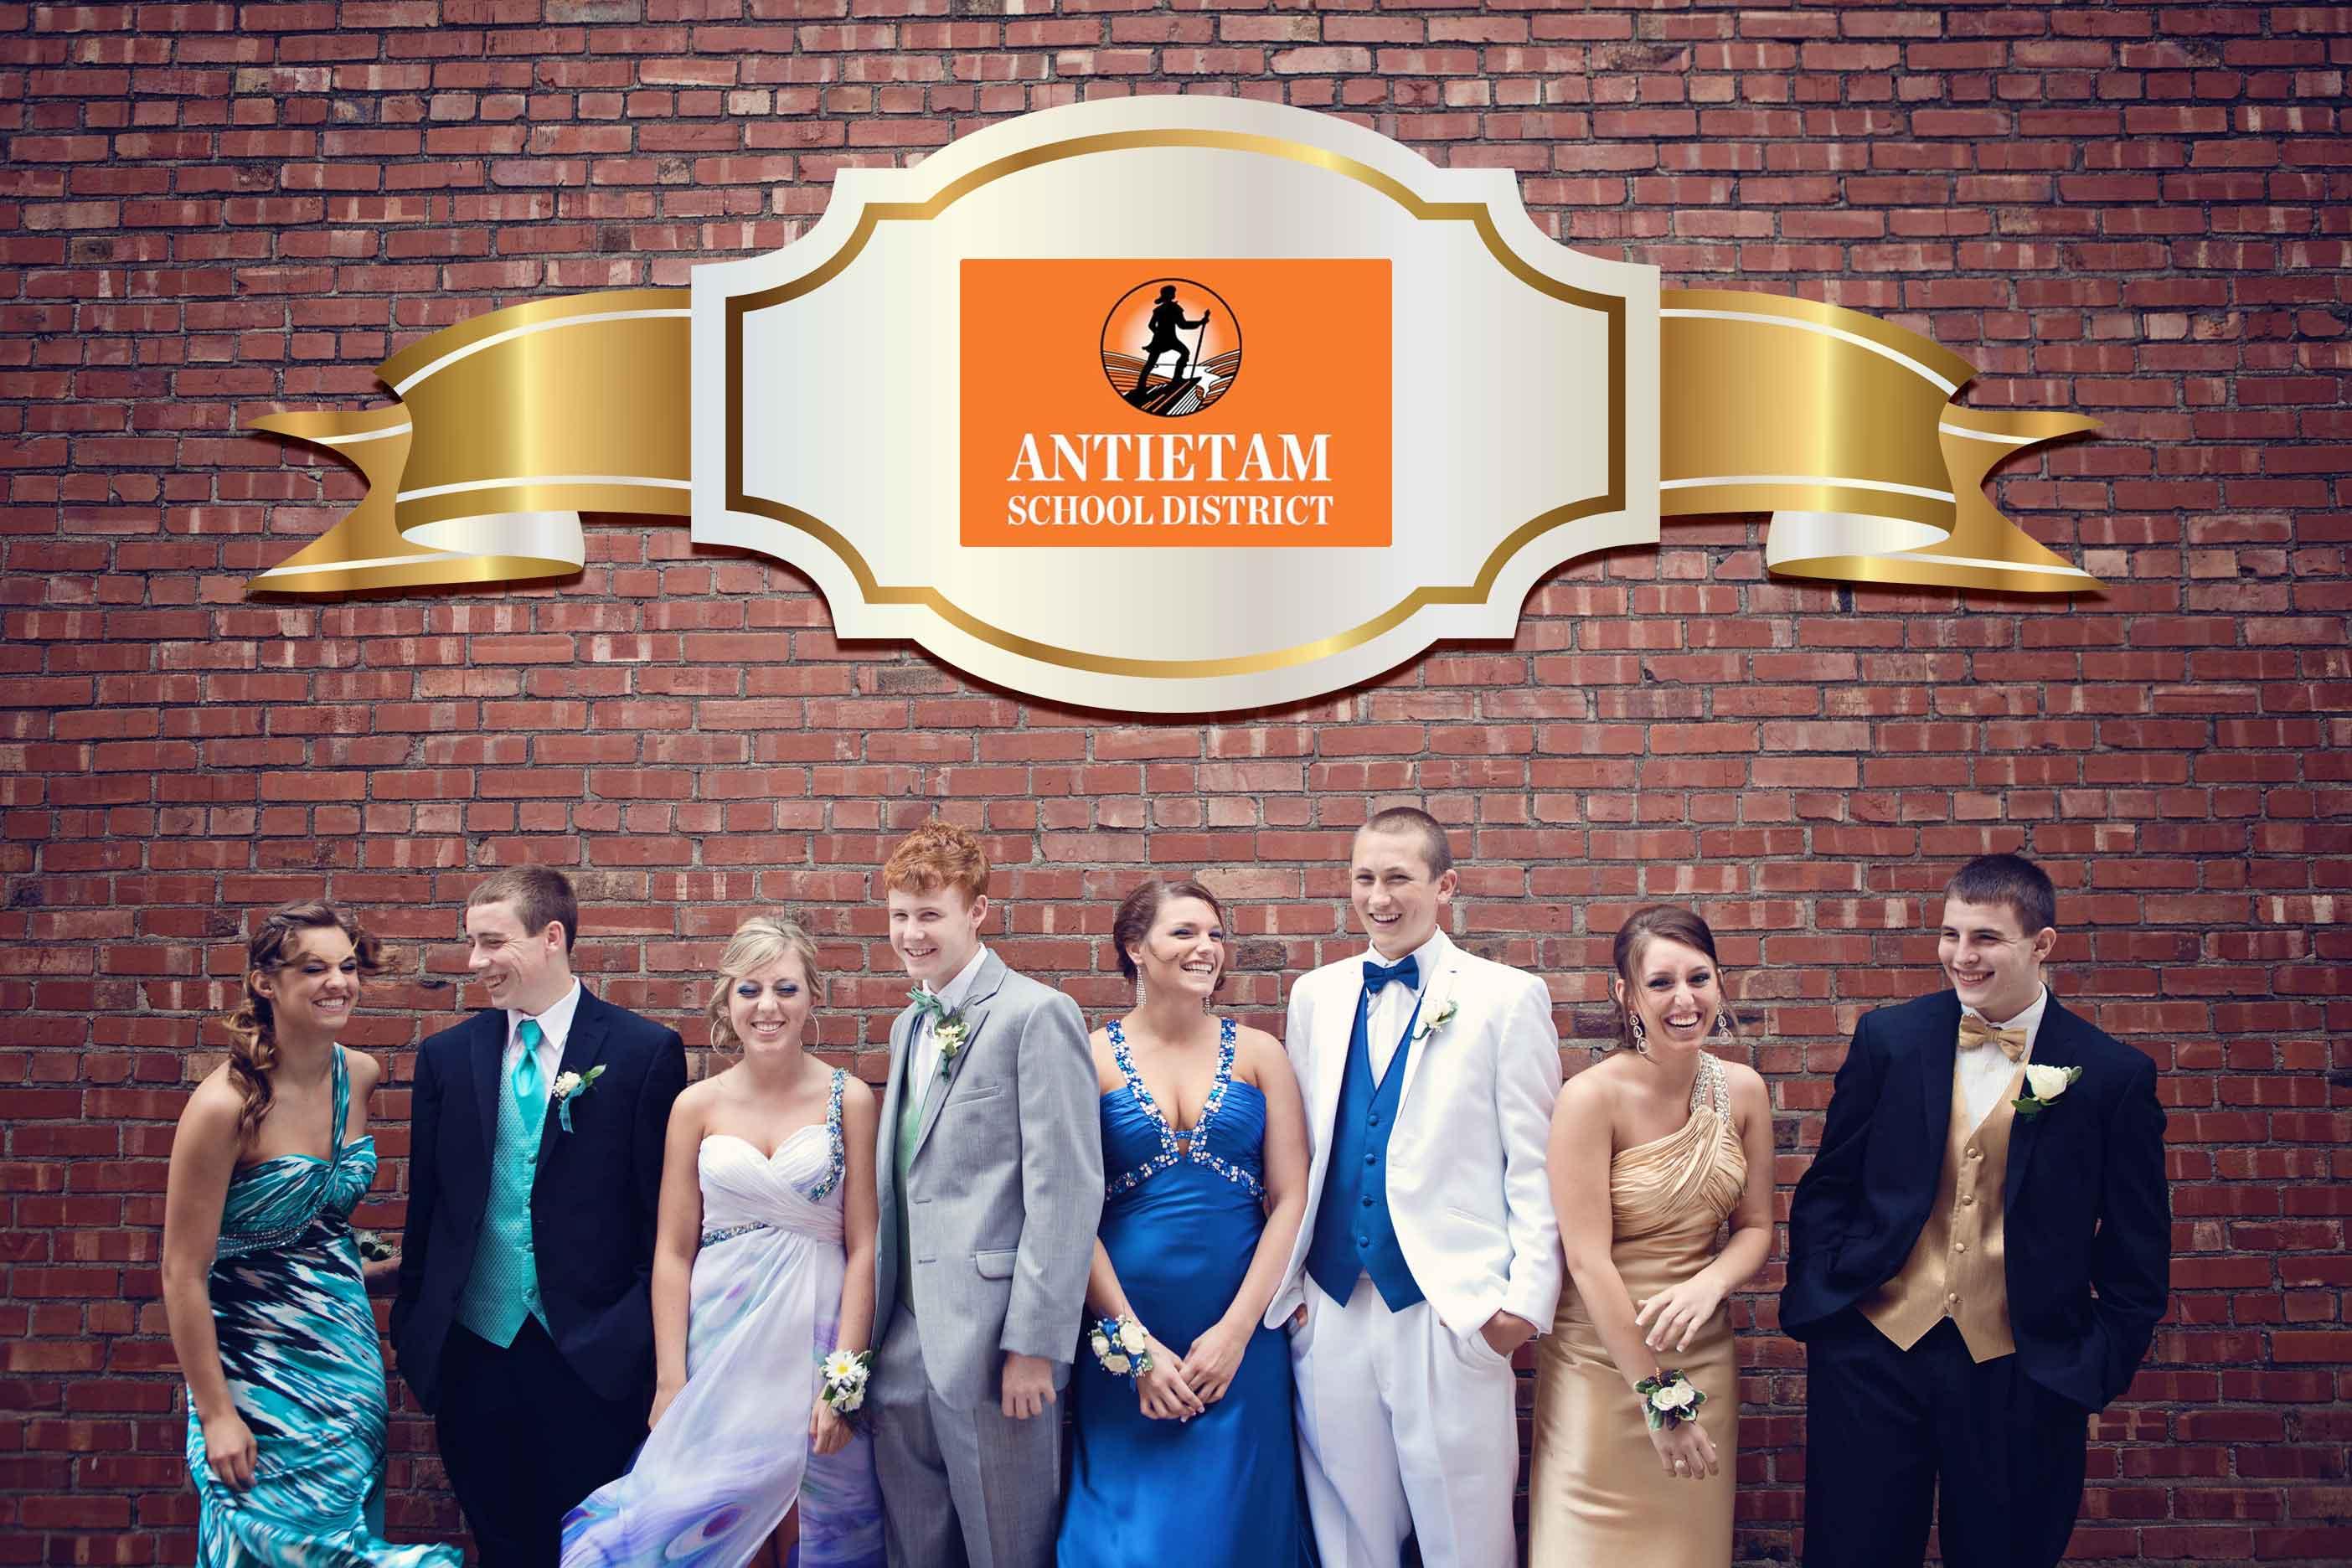 antietam senior high school prom